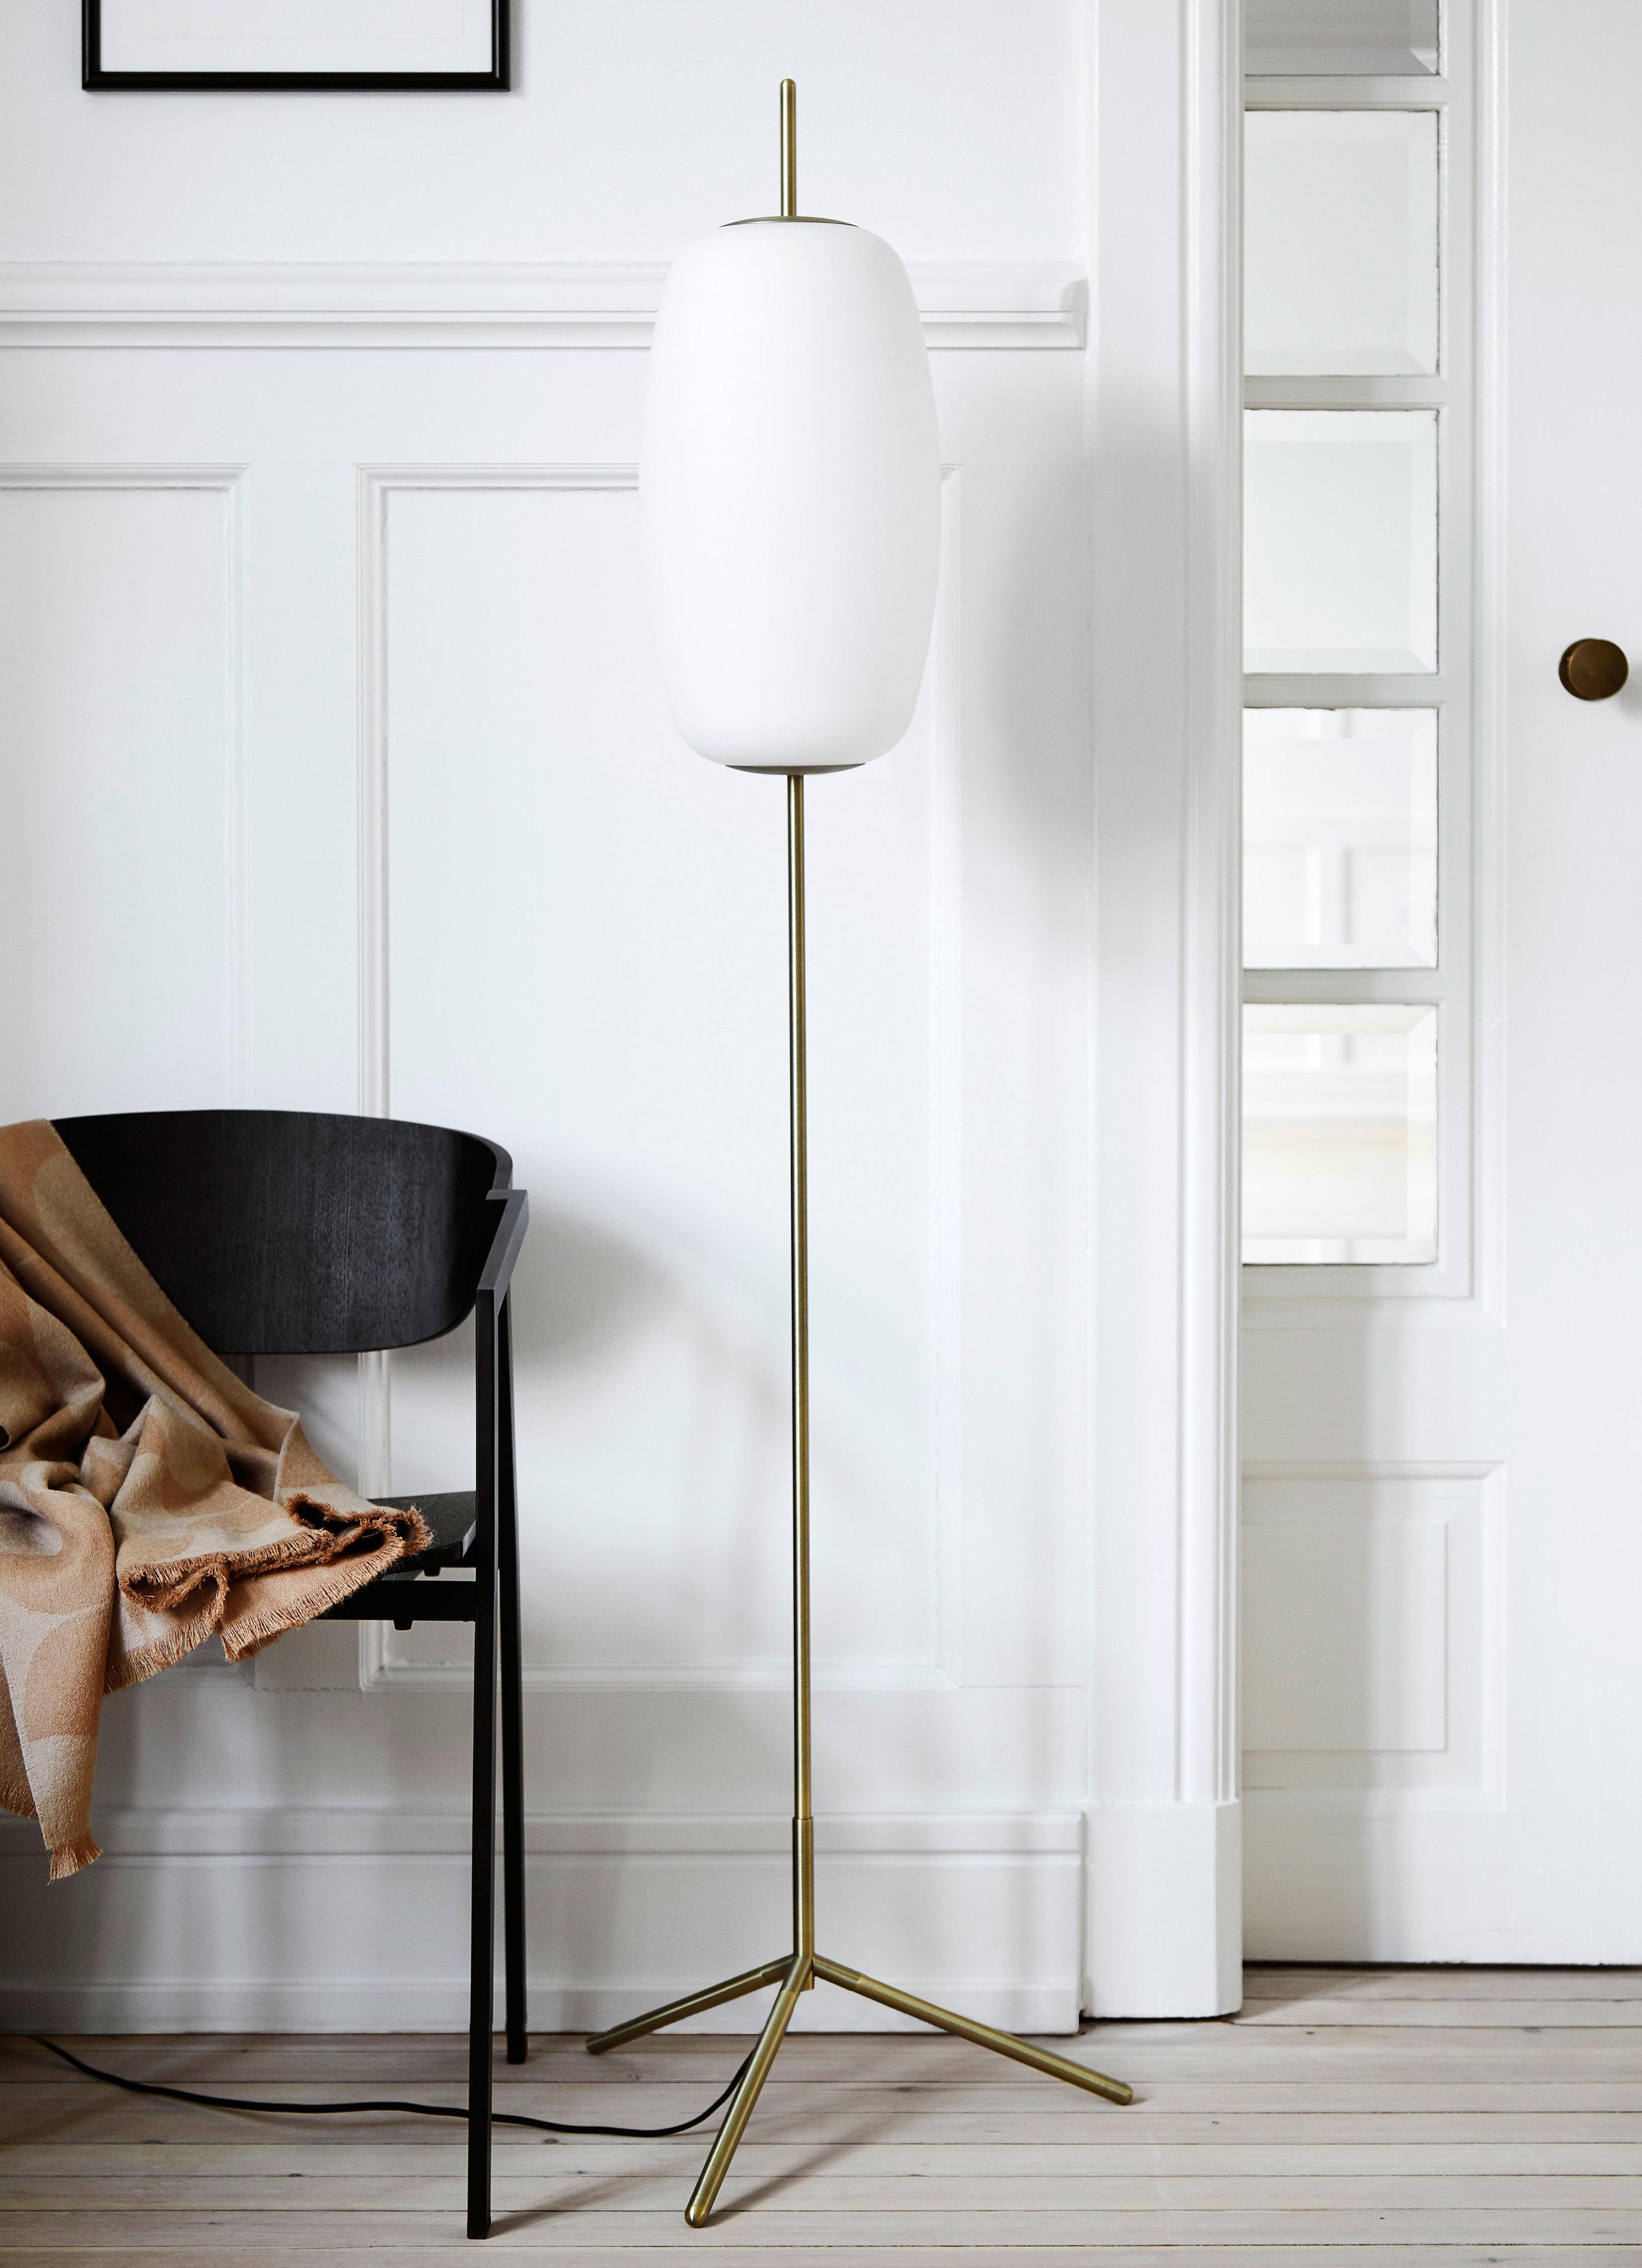 Glass floor lamp. Dimensions: H150 cm | Shade: ø22 cm Variants: Opal white glass Designer: Frandsen Design Studio    MORE